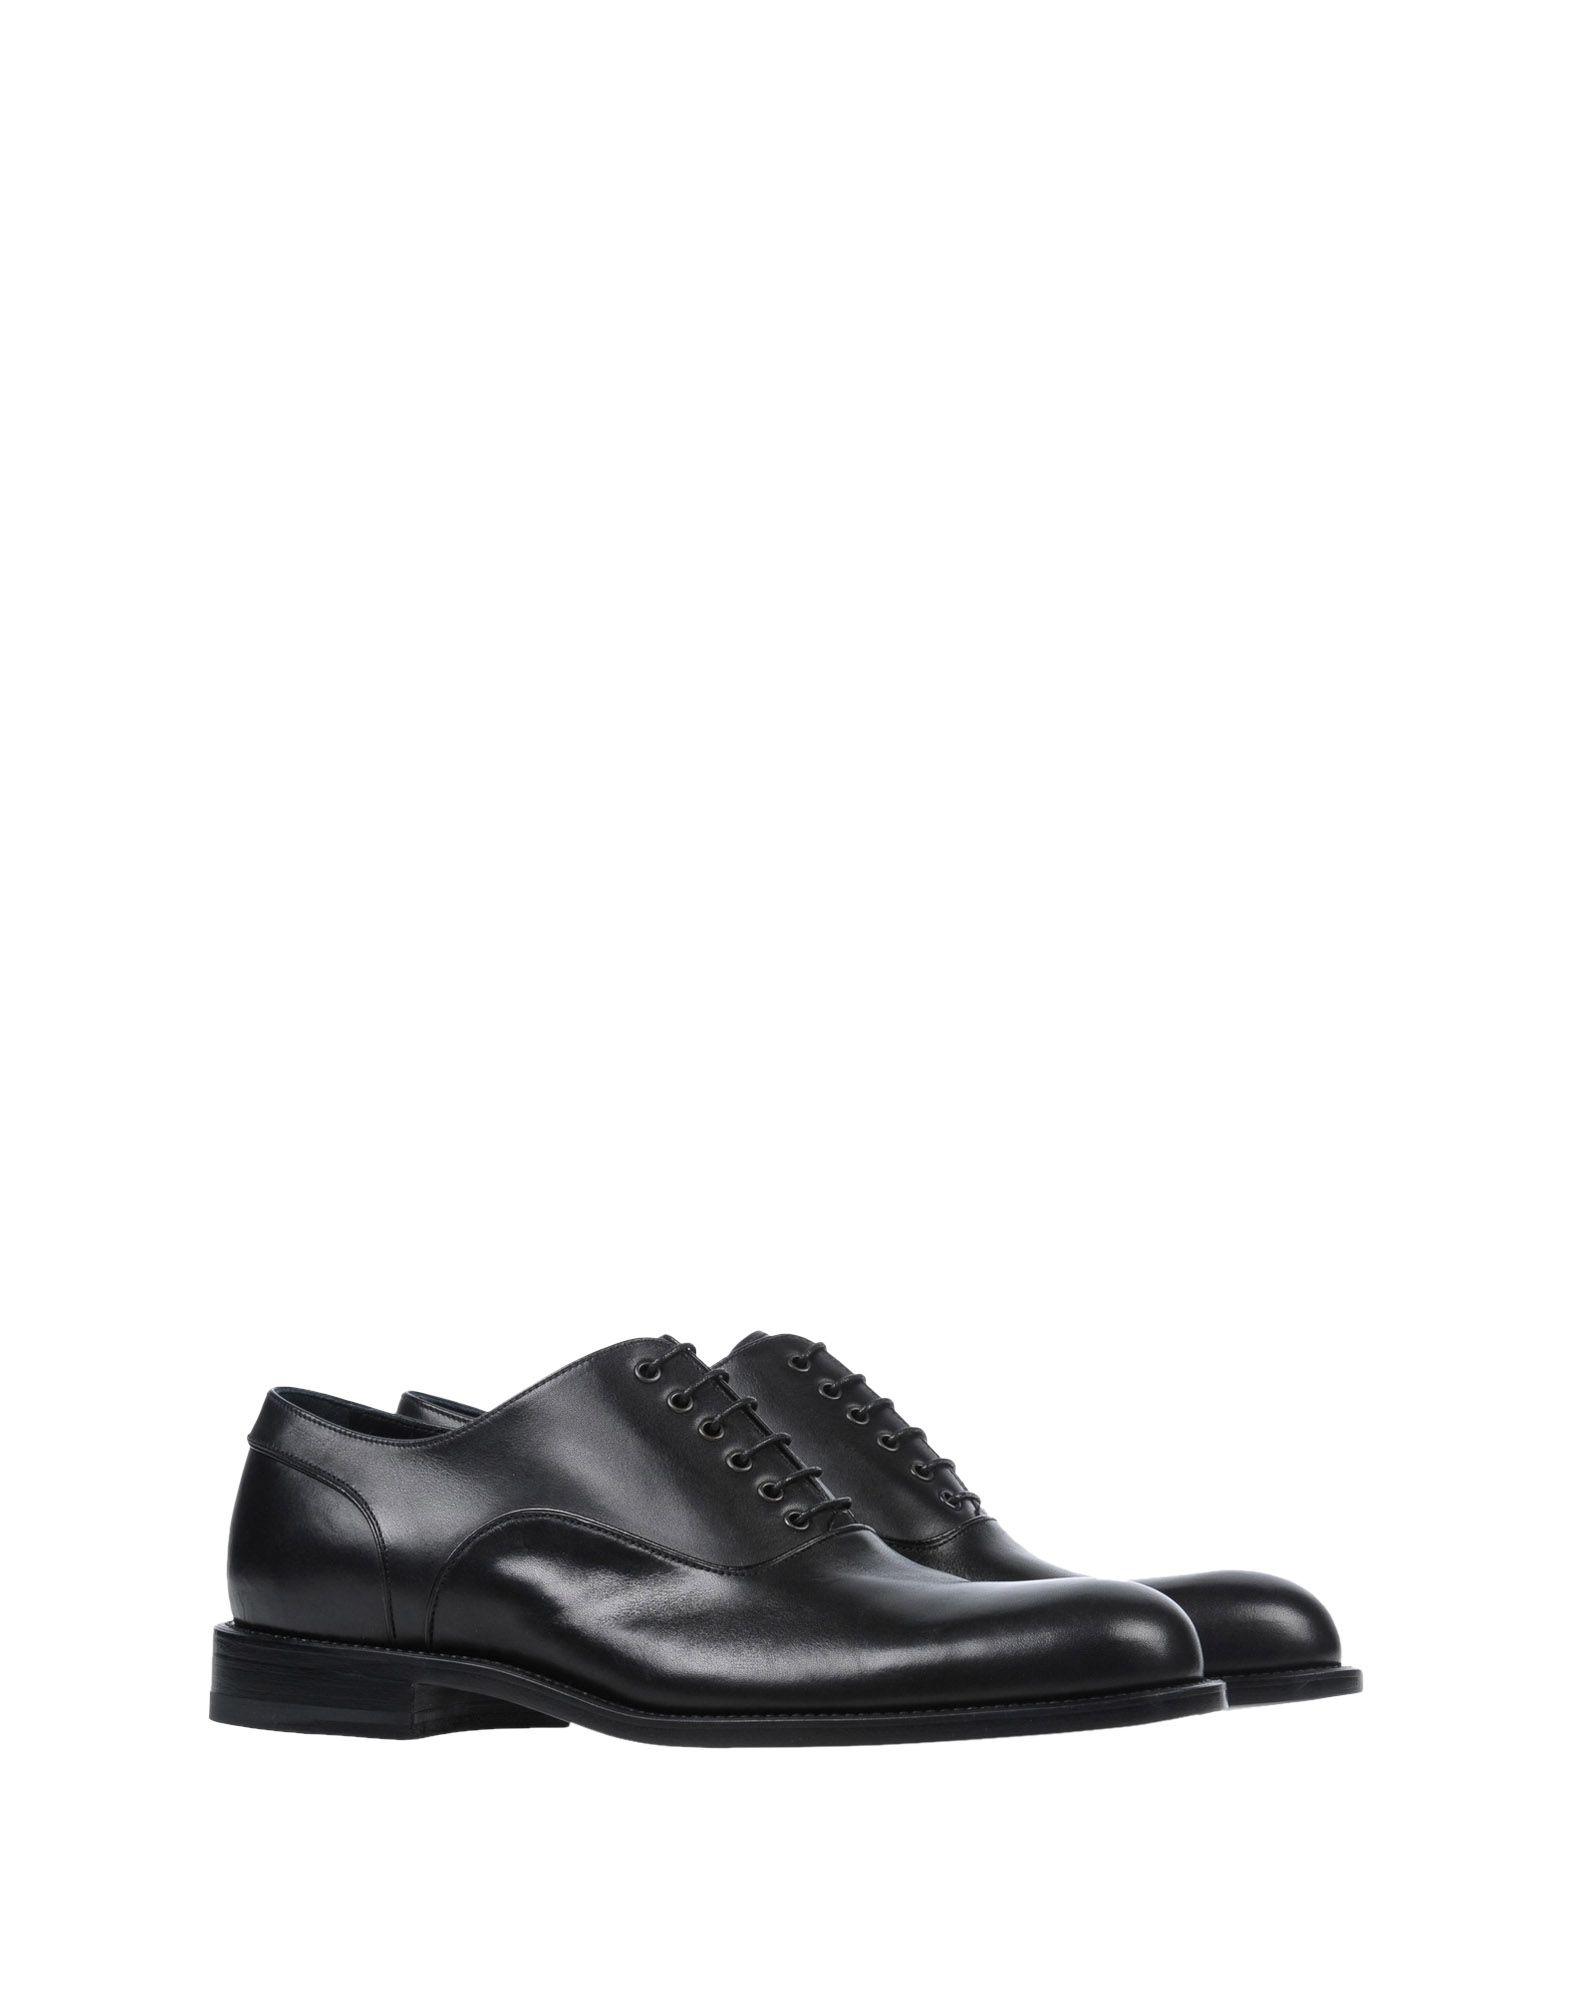 Jil Sander Schnürschuhe Qualität Herren  11487013WM Gute Qualität Schnürschuhe beliebte Schuhe d67e8b